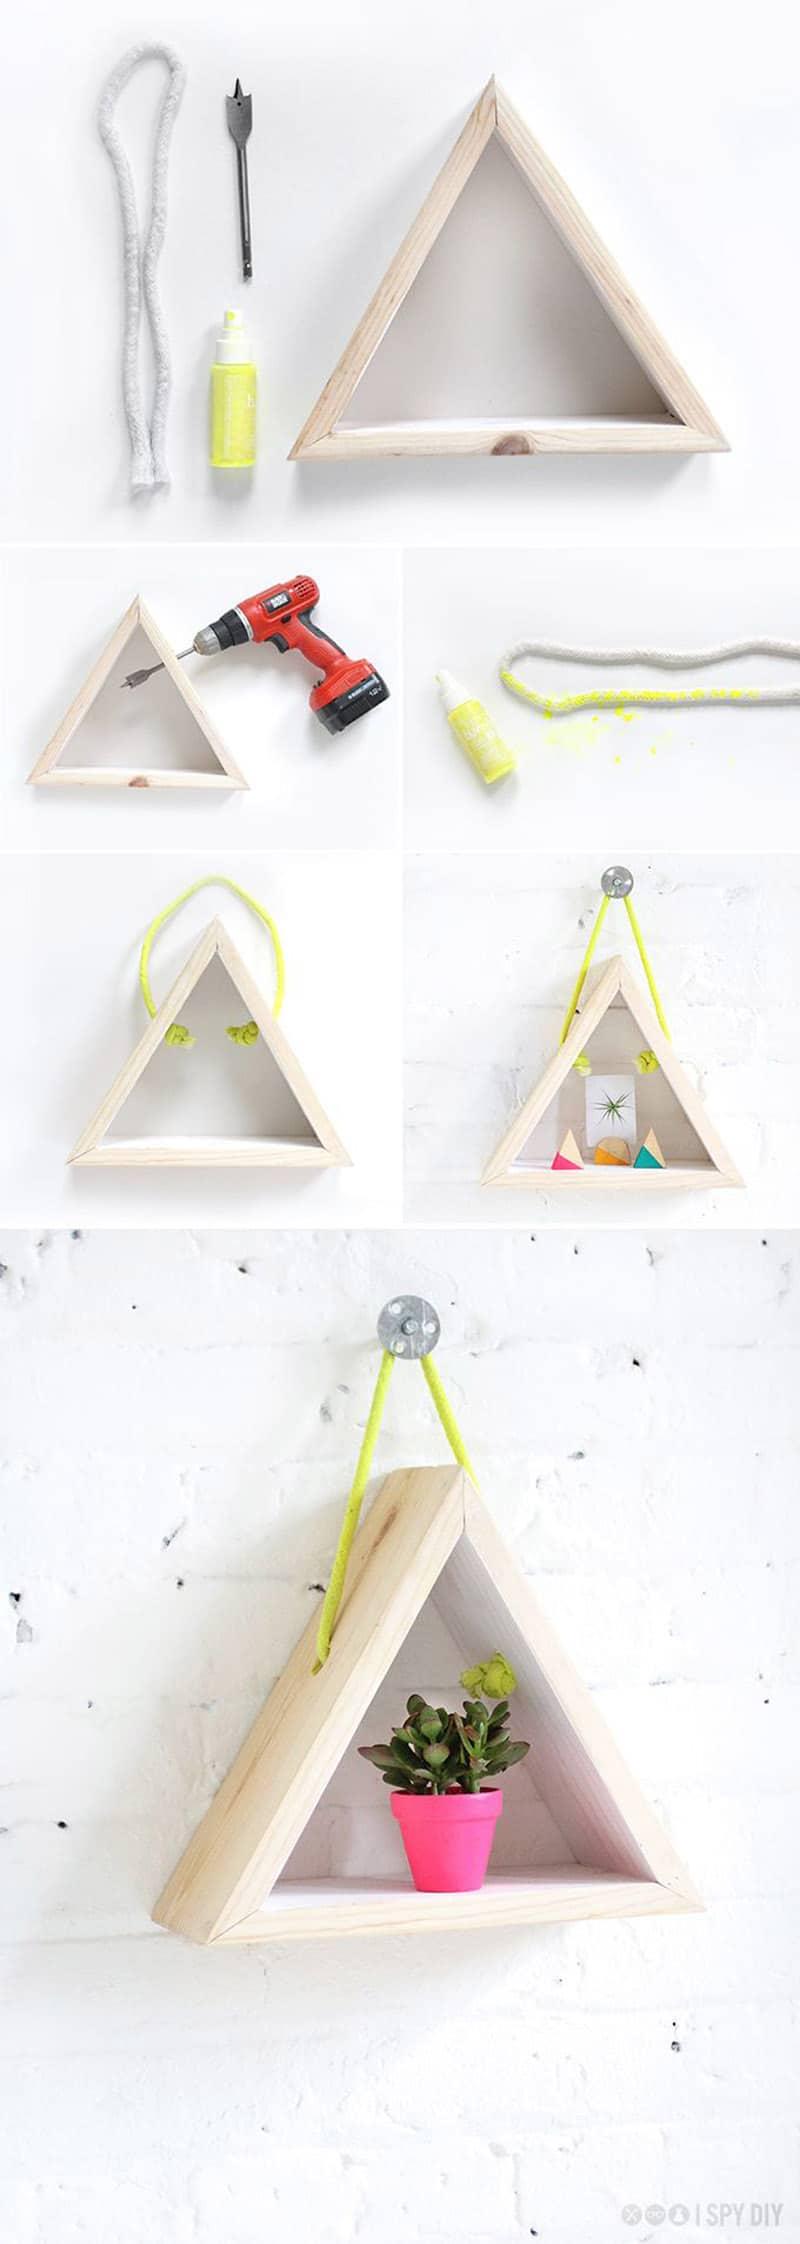 Triangles-DESIGNRULZ (16)